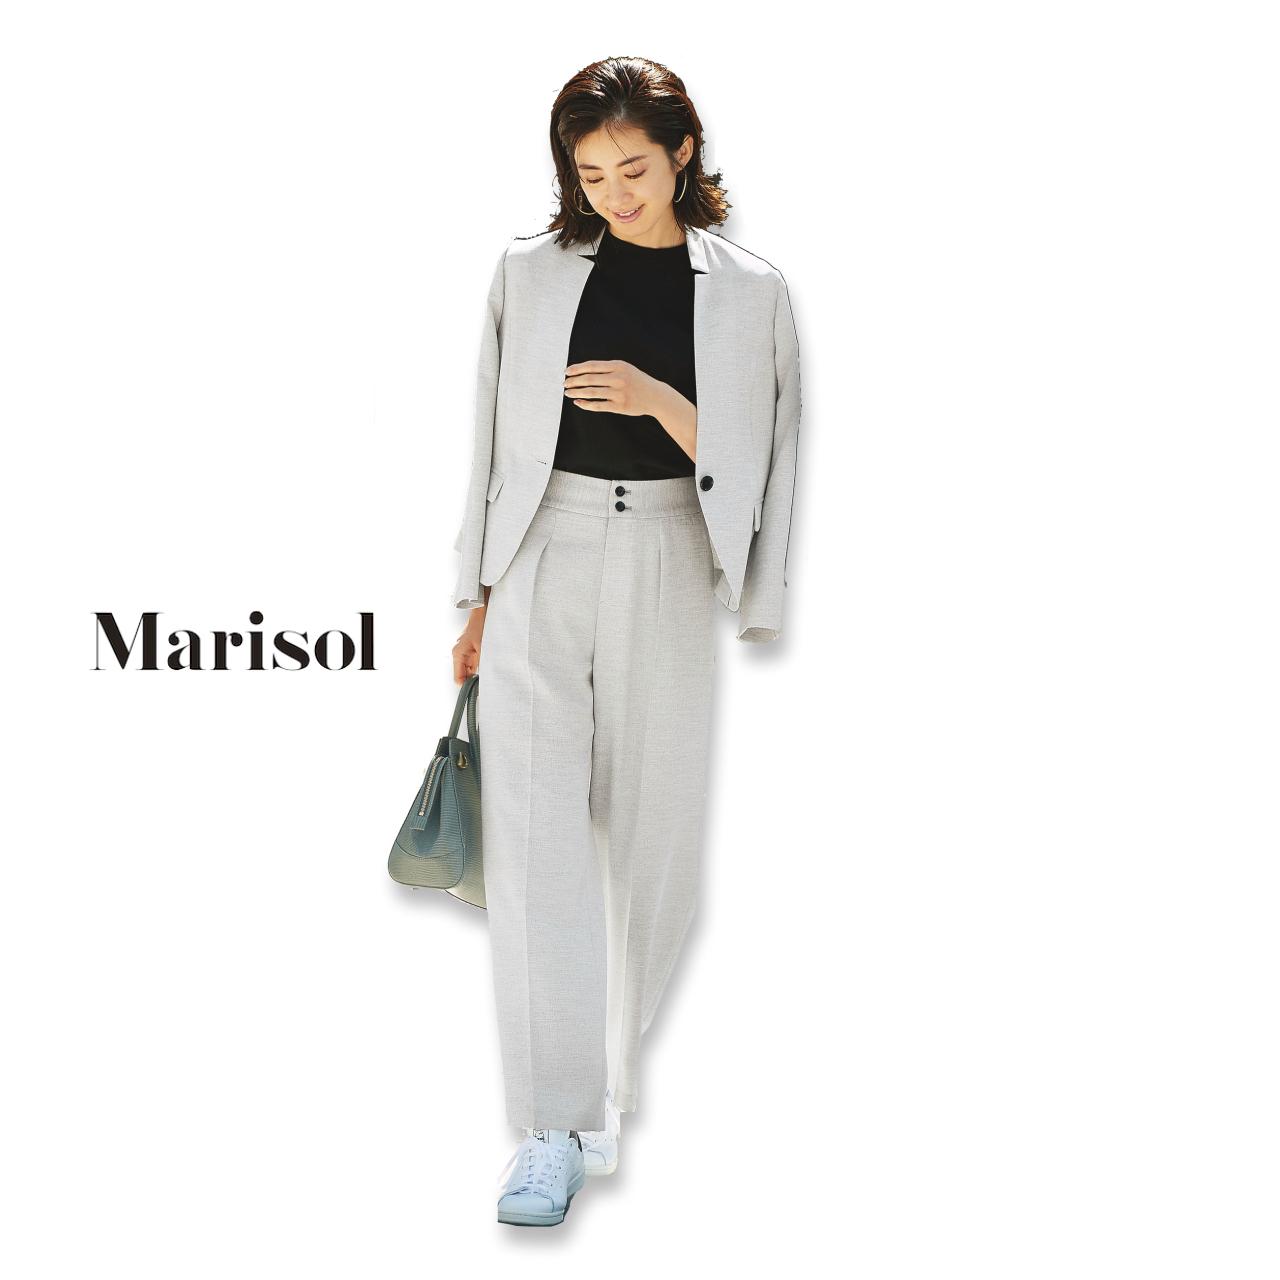 40代ファッション ジャケット×ワイドパンツ×スニーカーコーデ